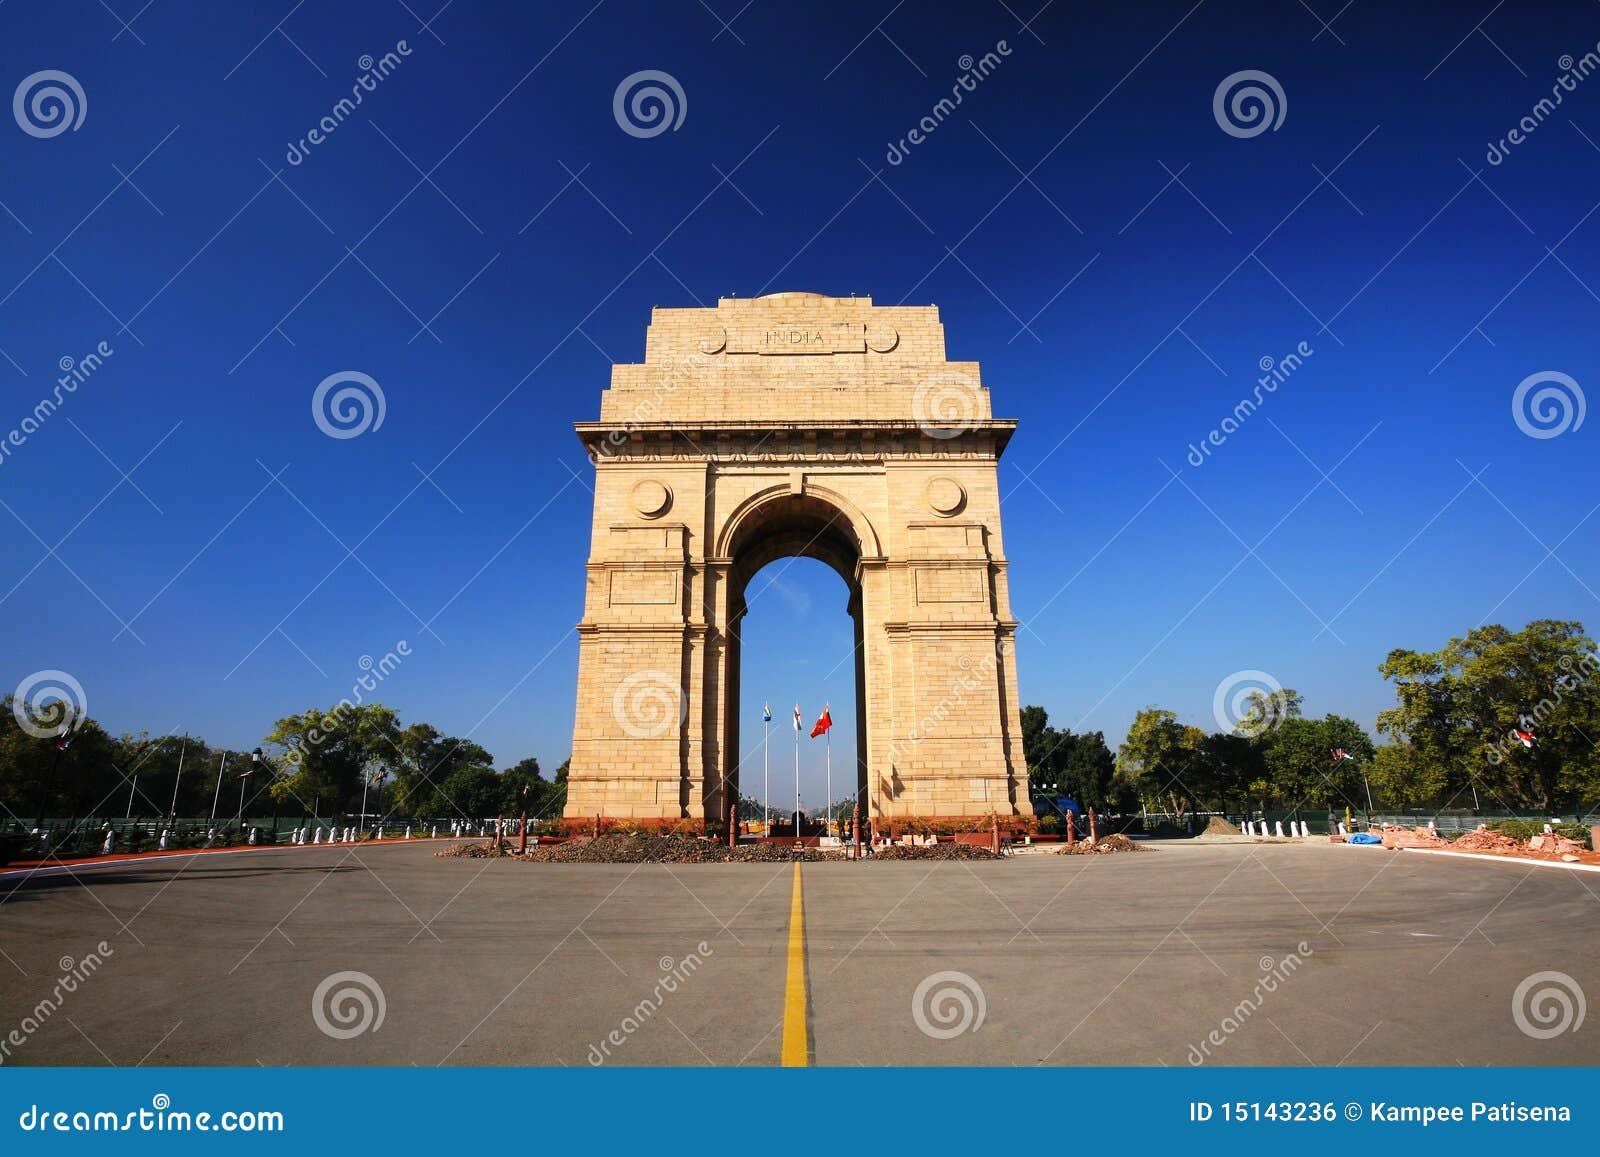 Puerta de la India en Nueva Deli, la India